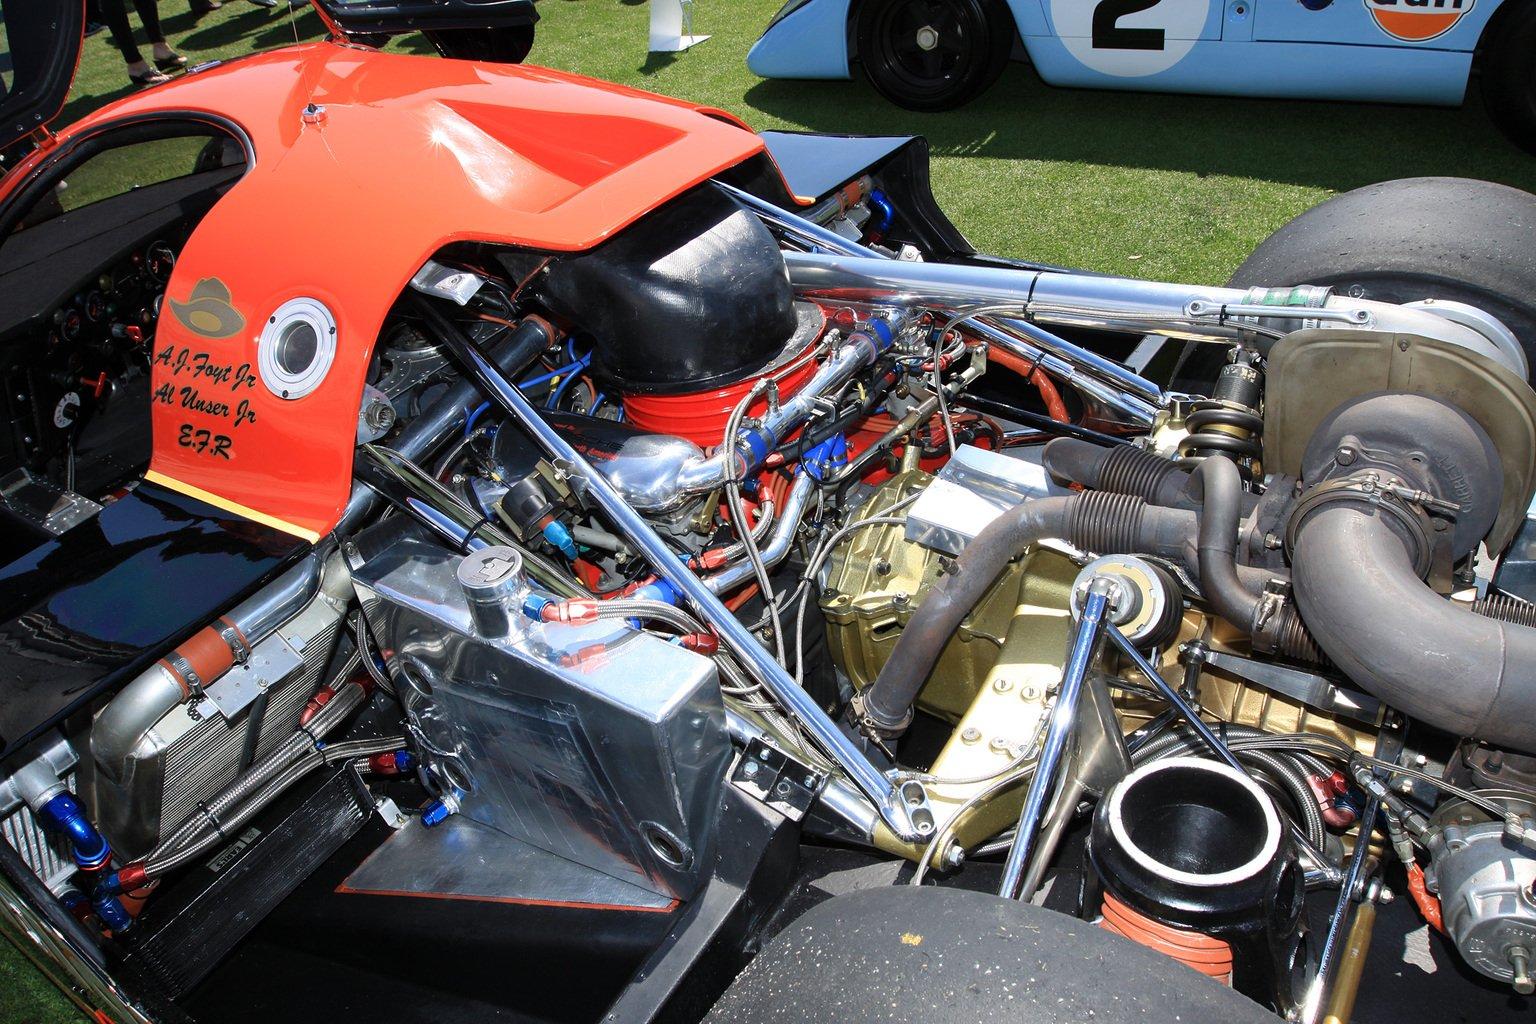 1986 porsche 962c race germany racing le mans lmp1 car vehicle sport supercar sportcar - Porsche engine wallpaper ...